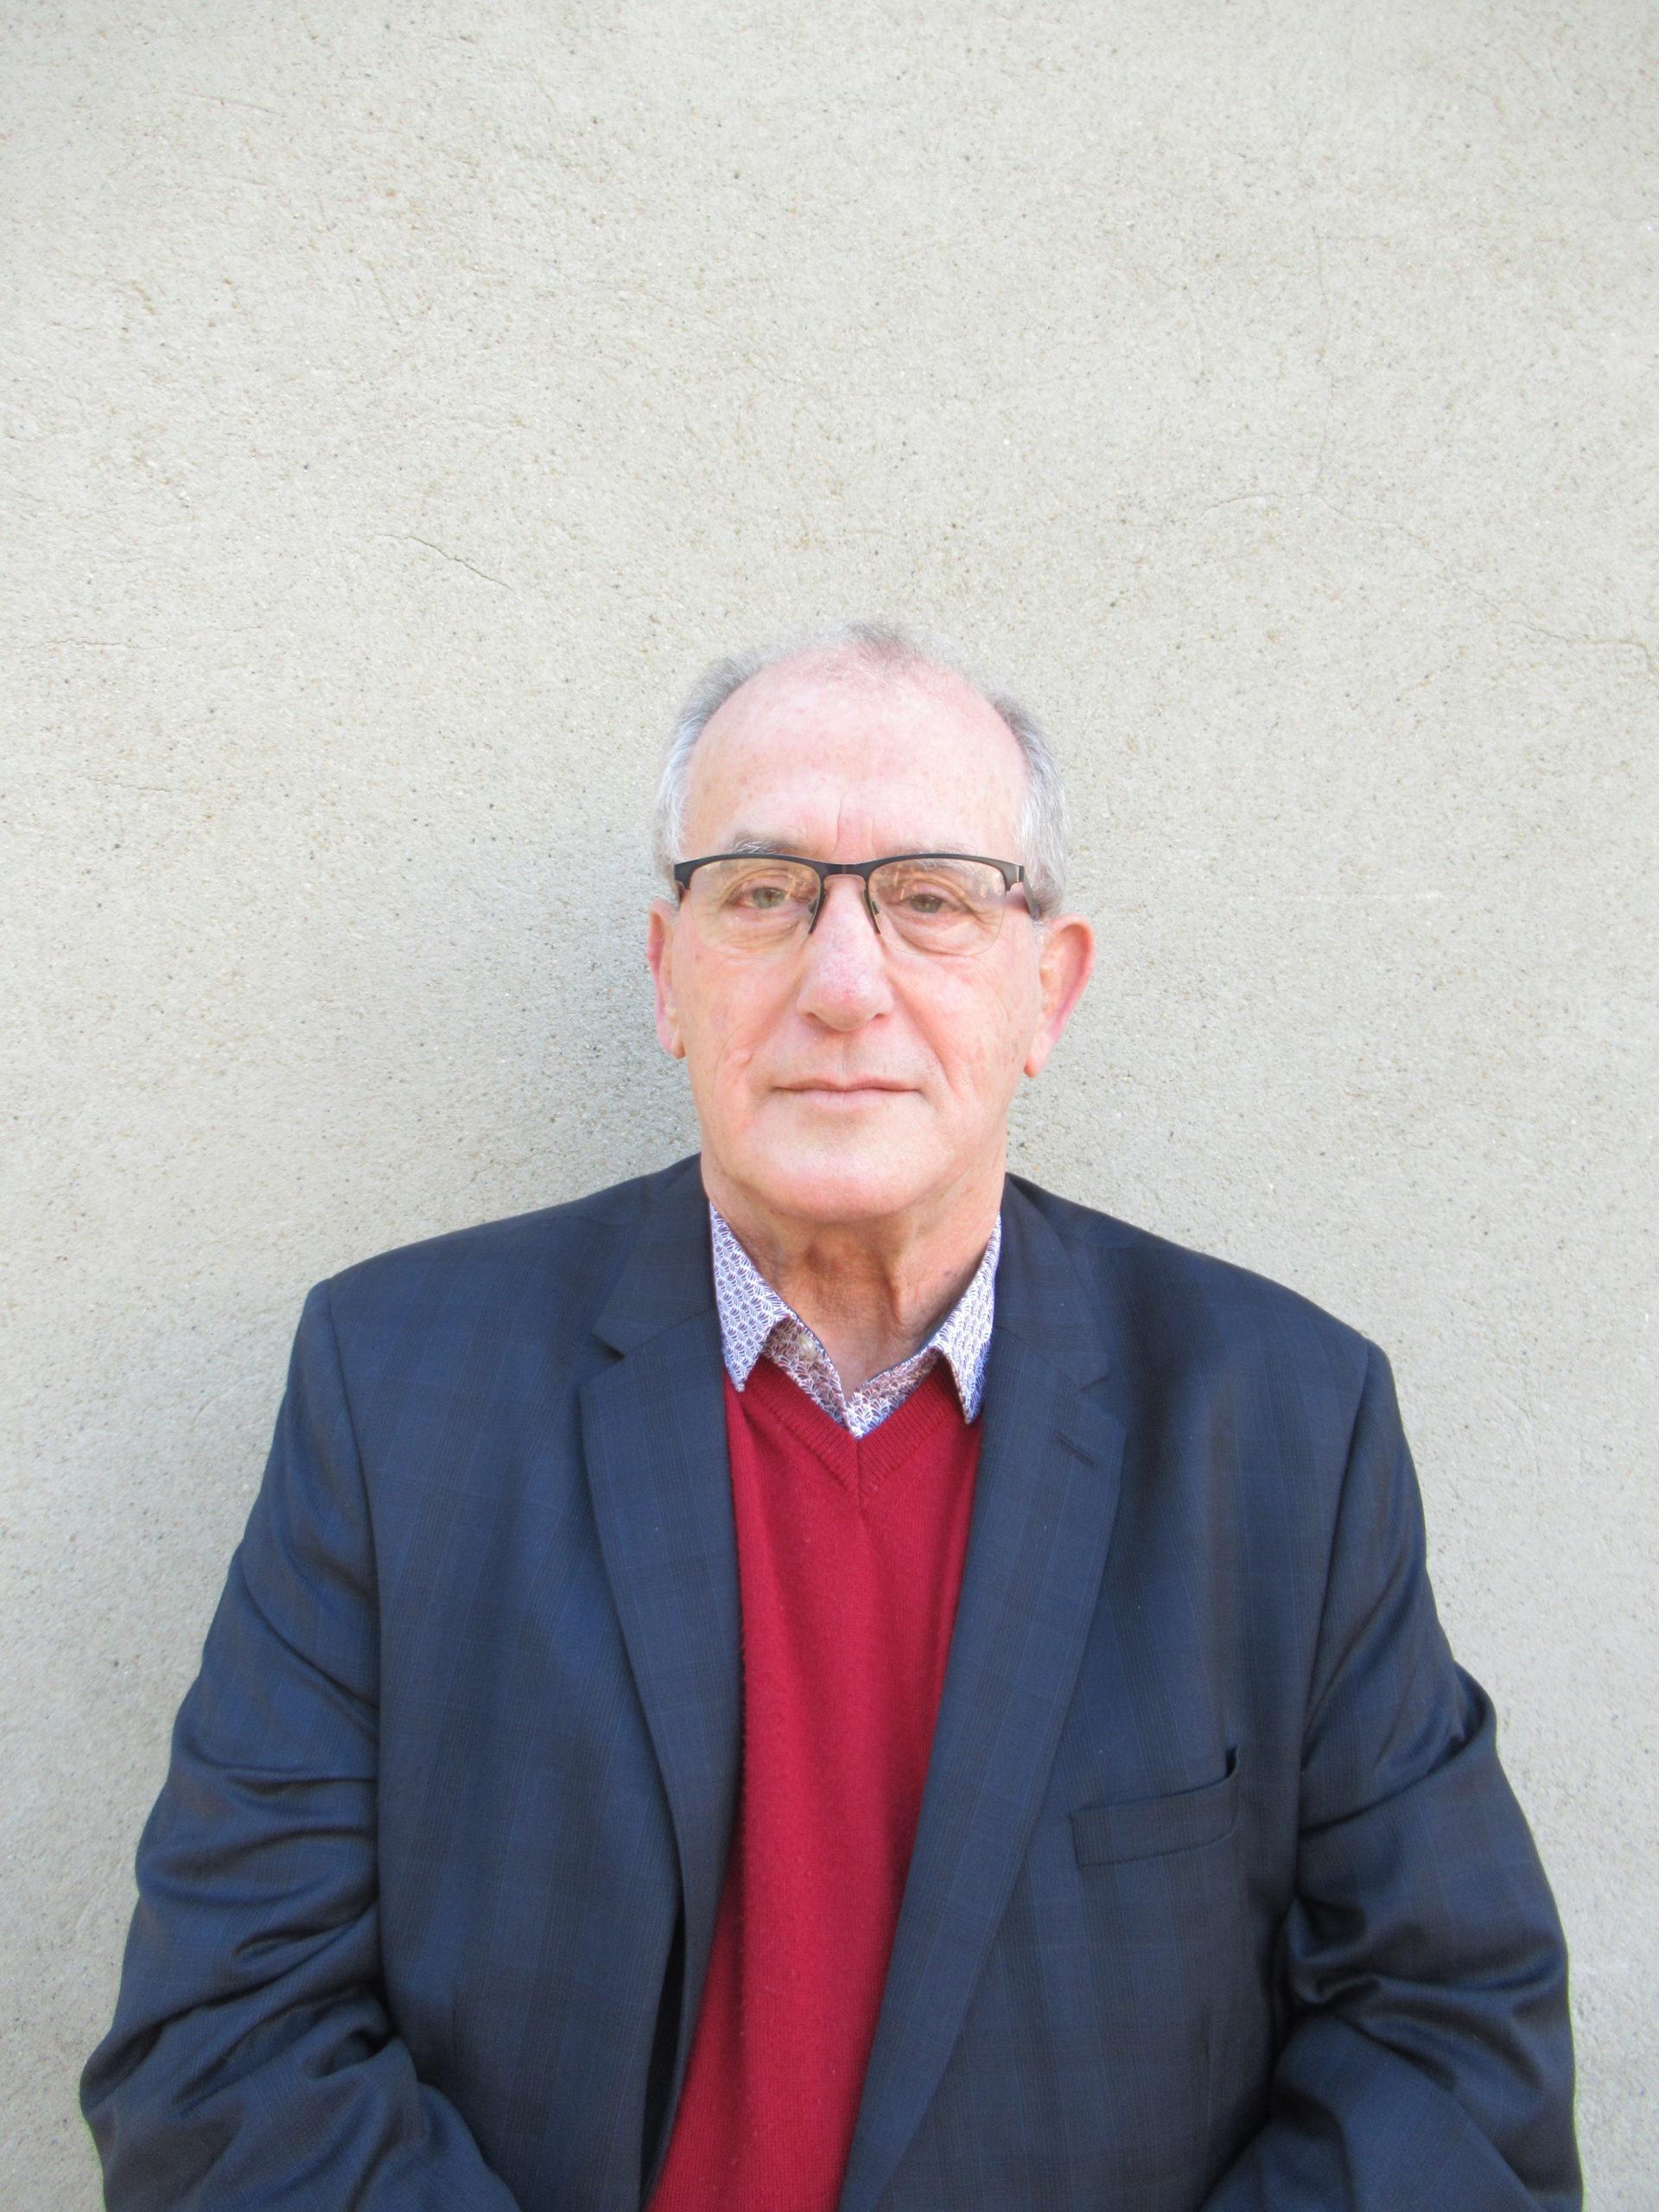 Marc JOTHIE cconseiller municipal délégué Vie sociale et intergénérationnelle